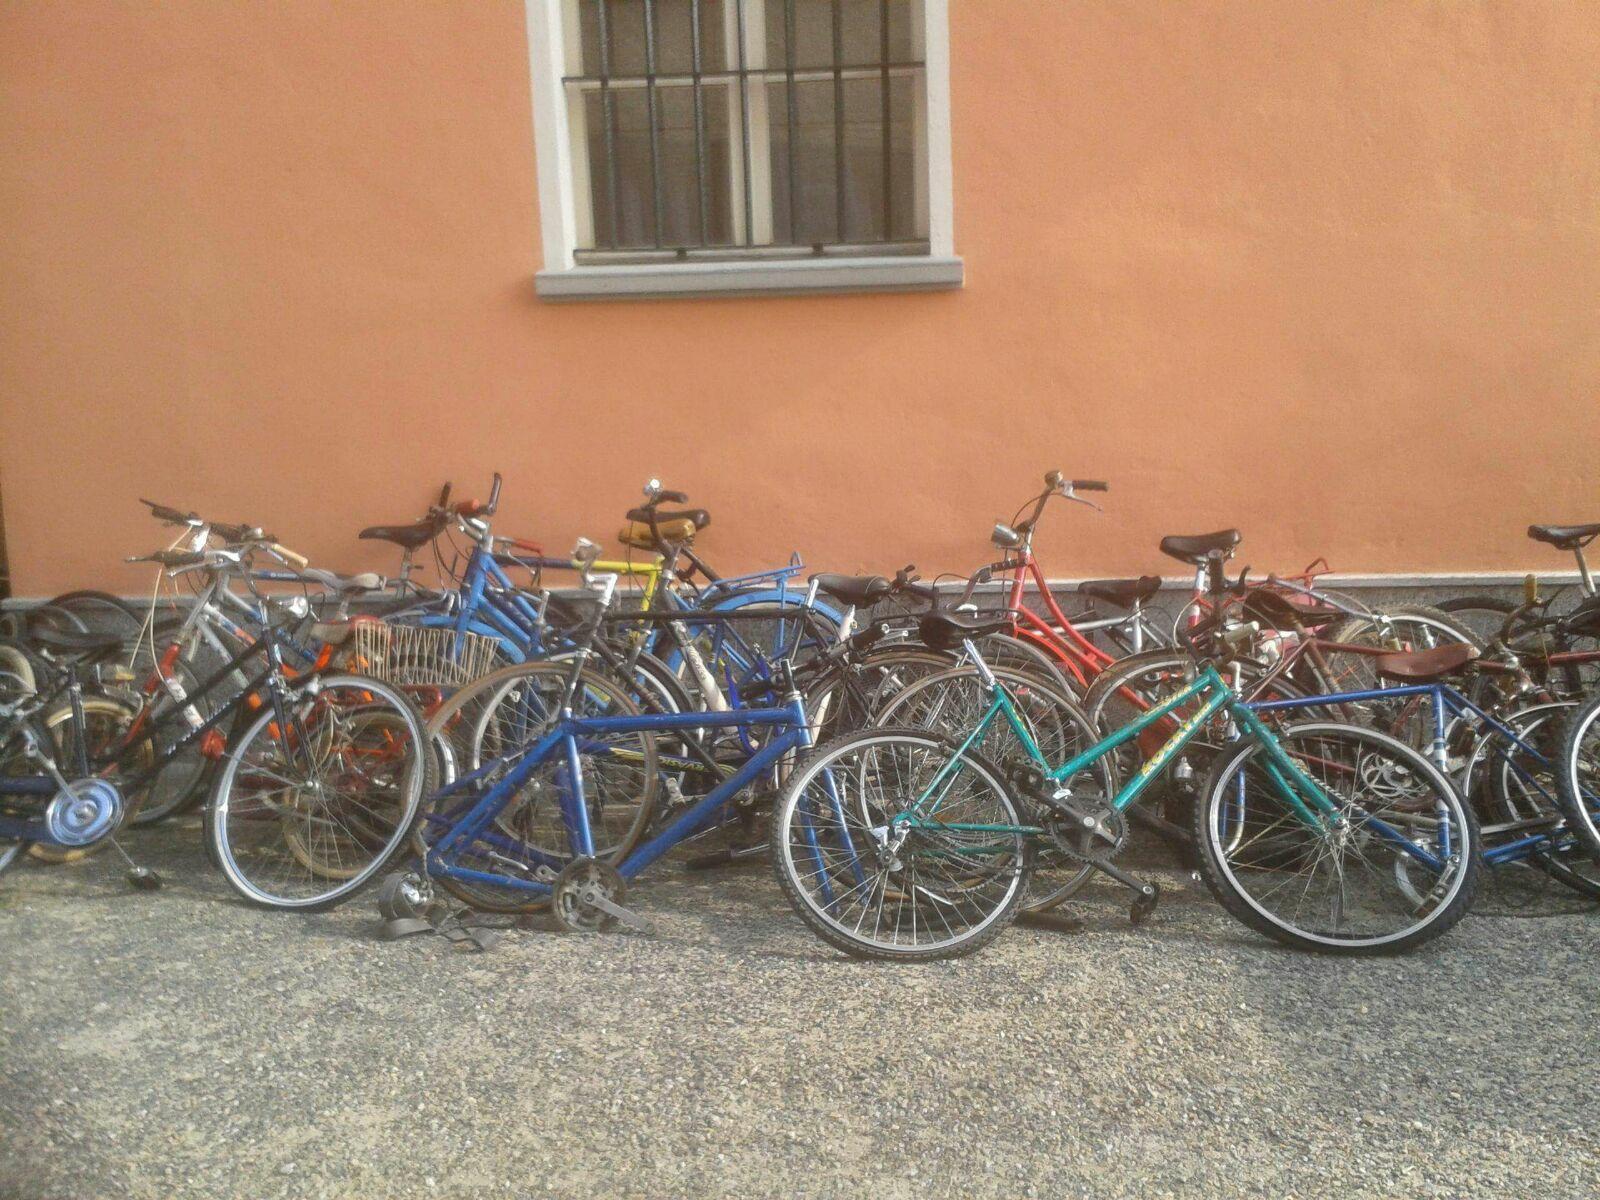 biciclette appoggiate a un muro